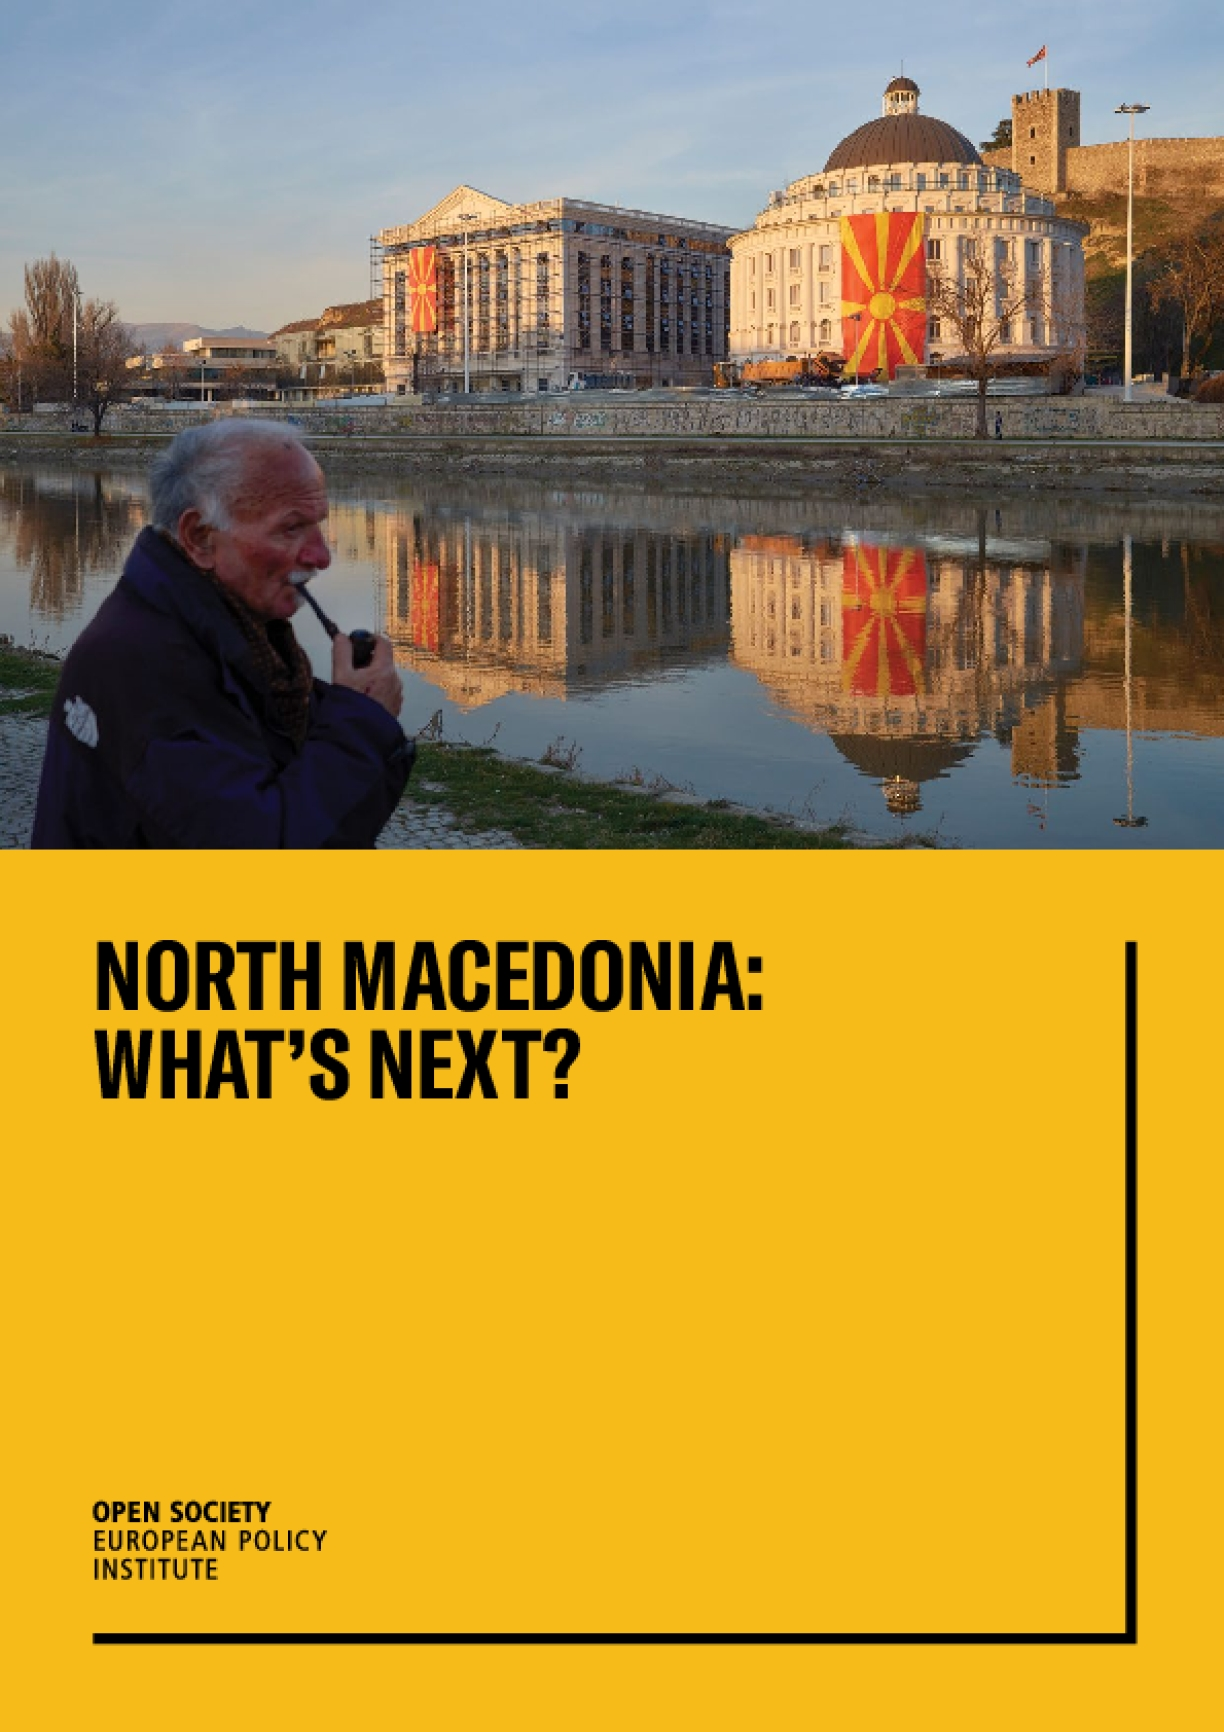 North Macedonia: What's Next?